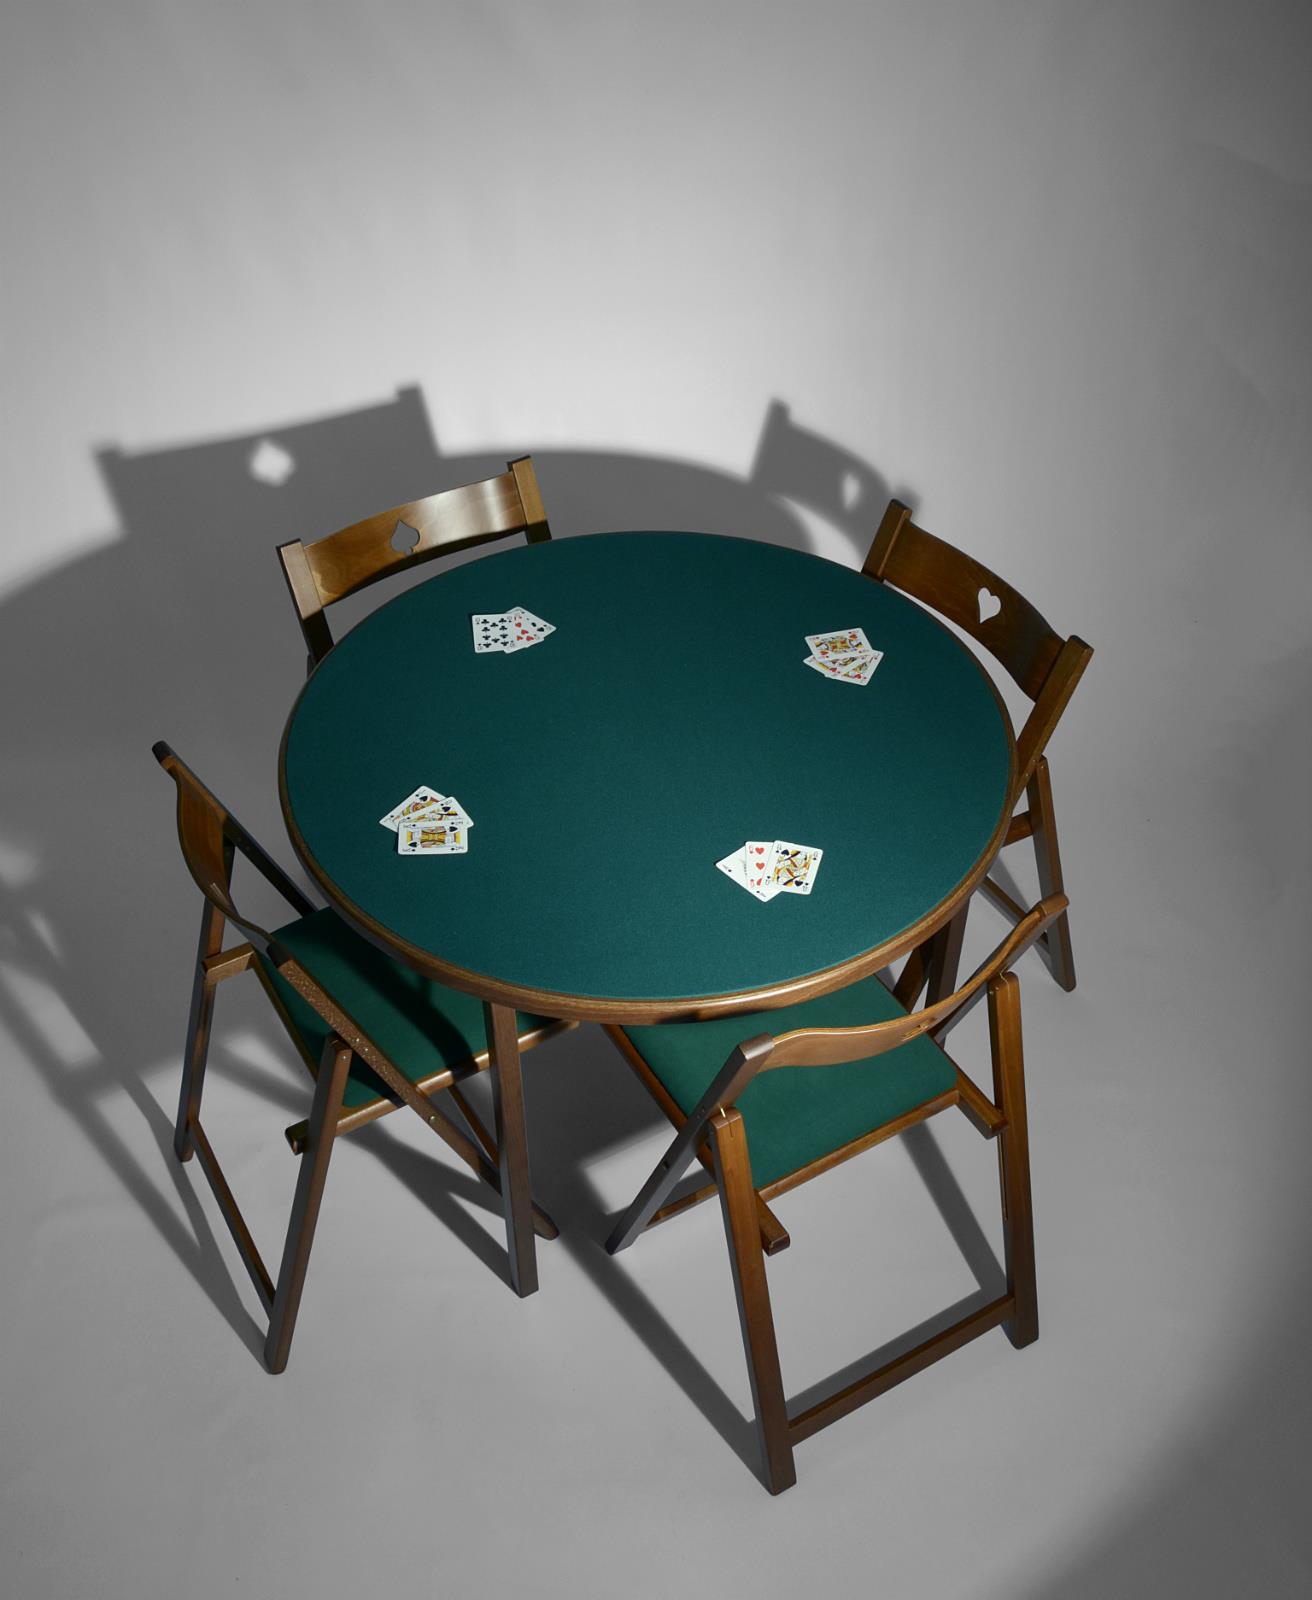 Tavolo da gioco moon fratelli del fabbro srl - Blokus gioco da tavolo ...